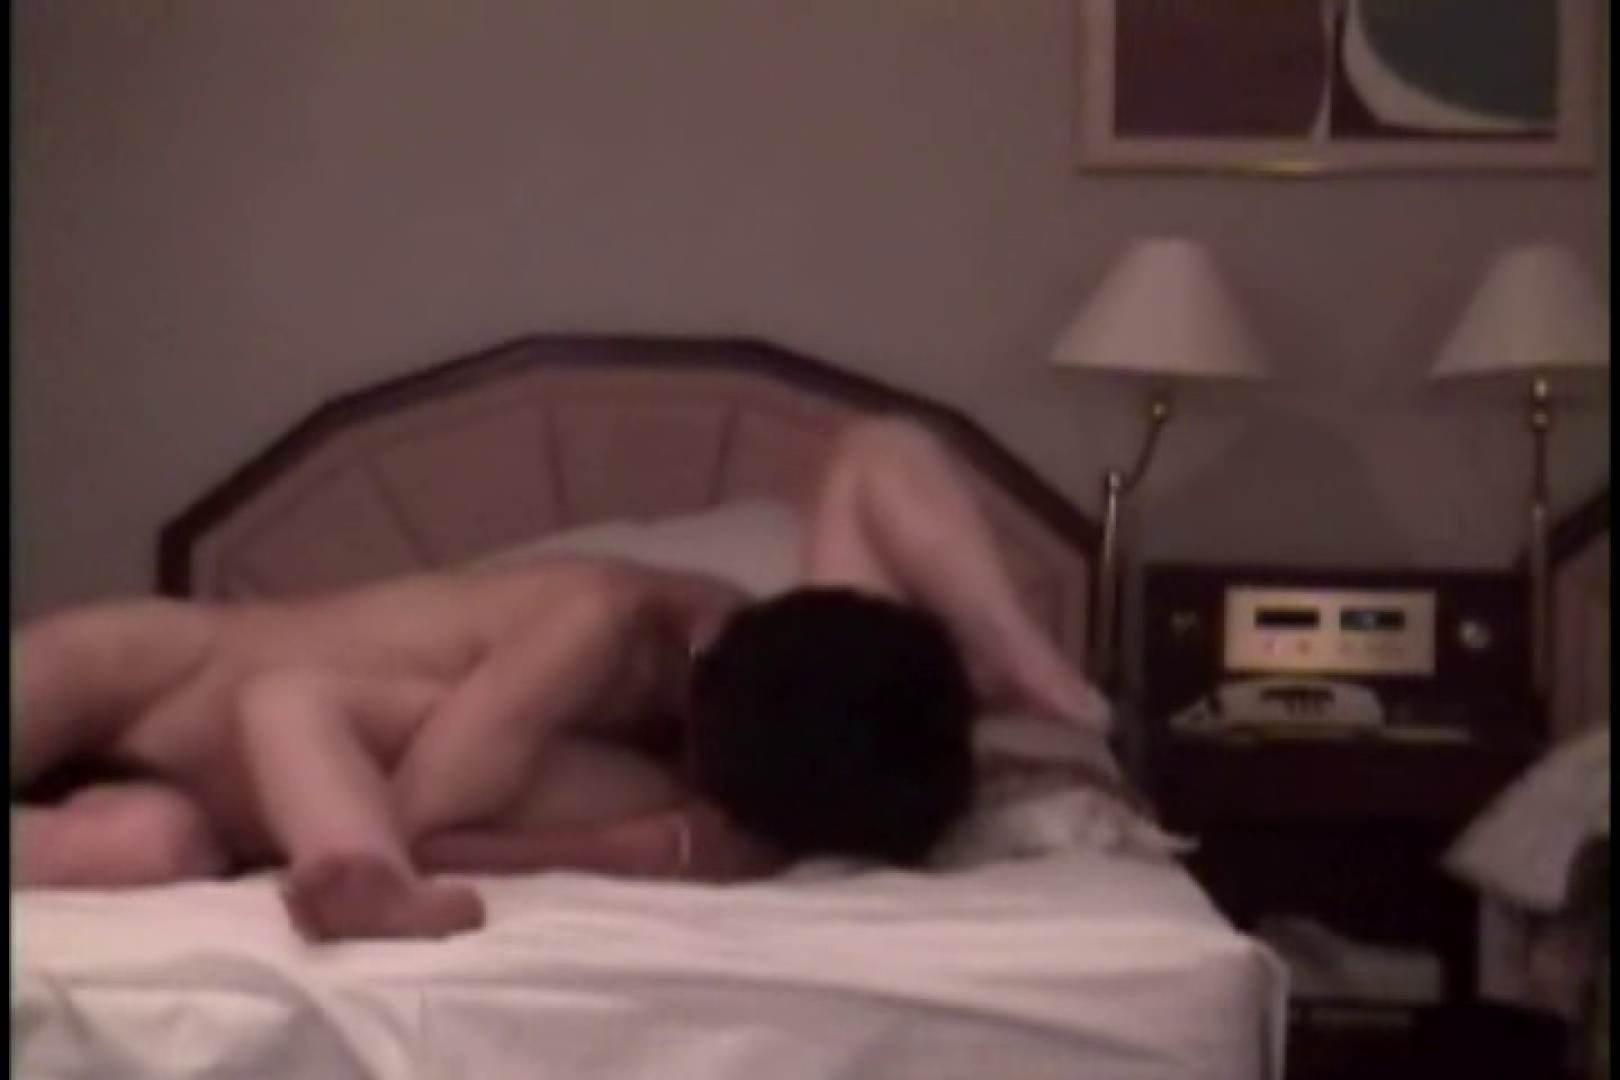 ホテルに抱かれに来る美熟女 ホテル | エッチな熟女  54pic 10